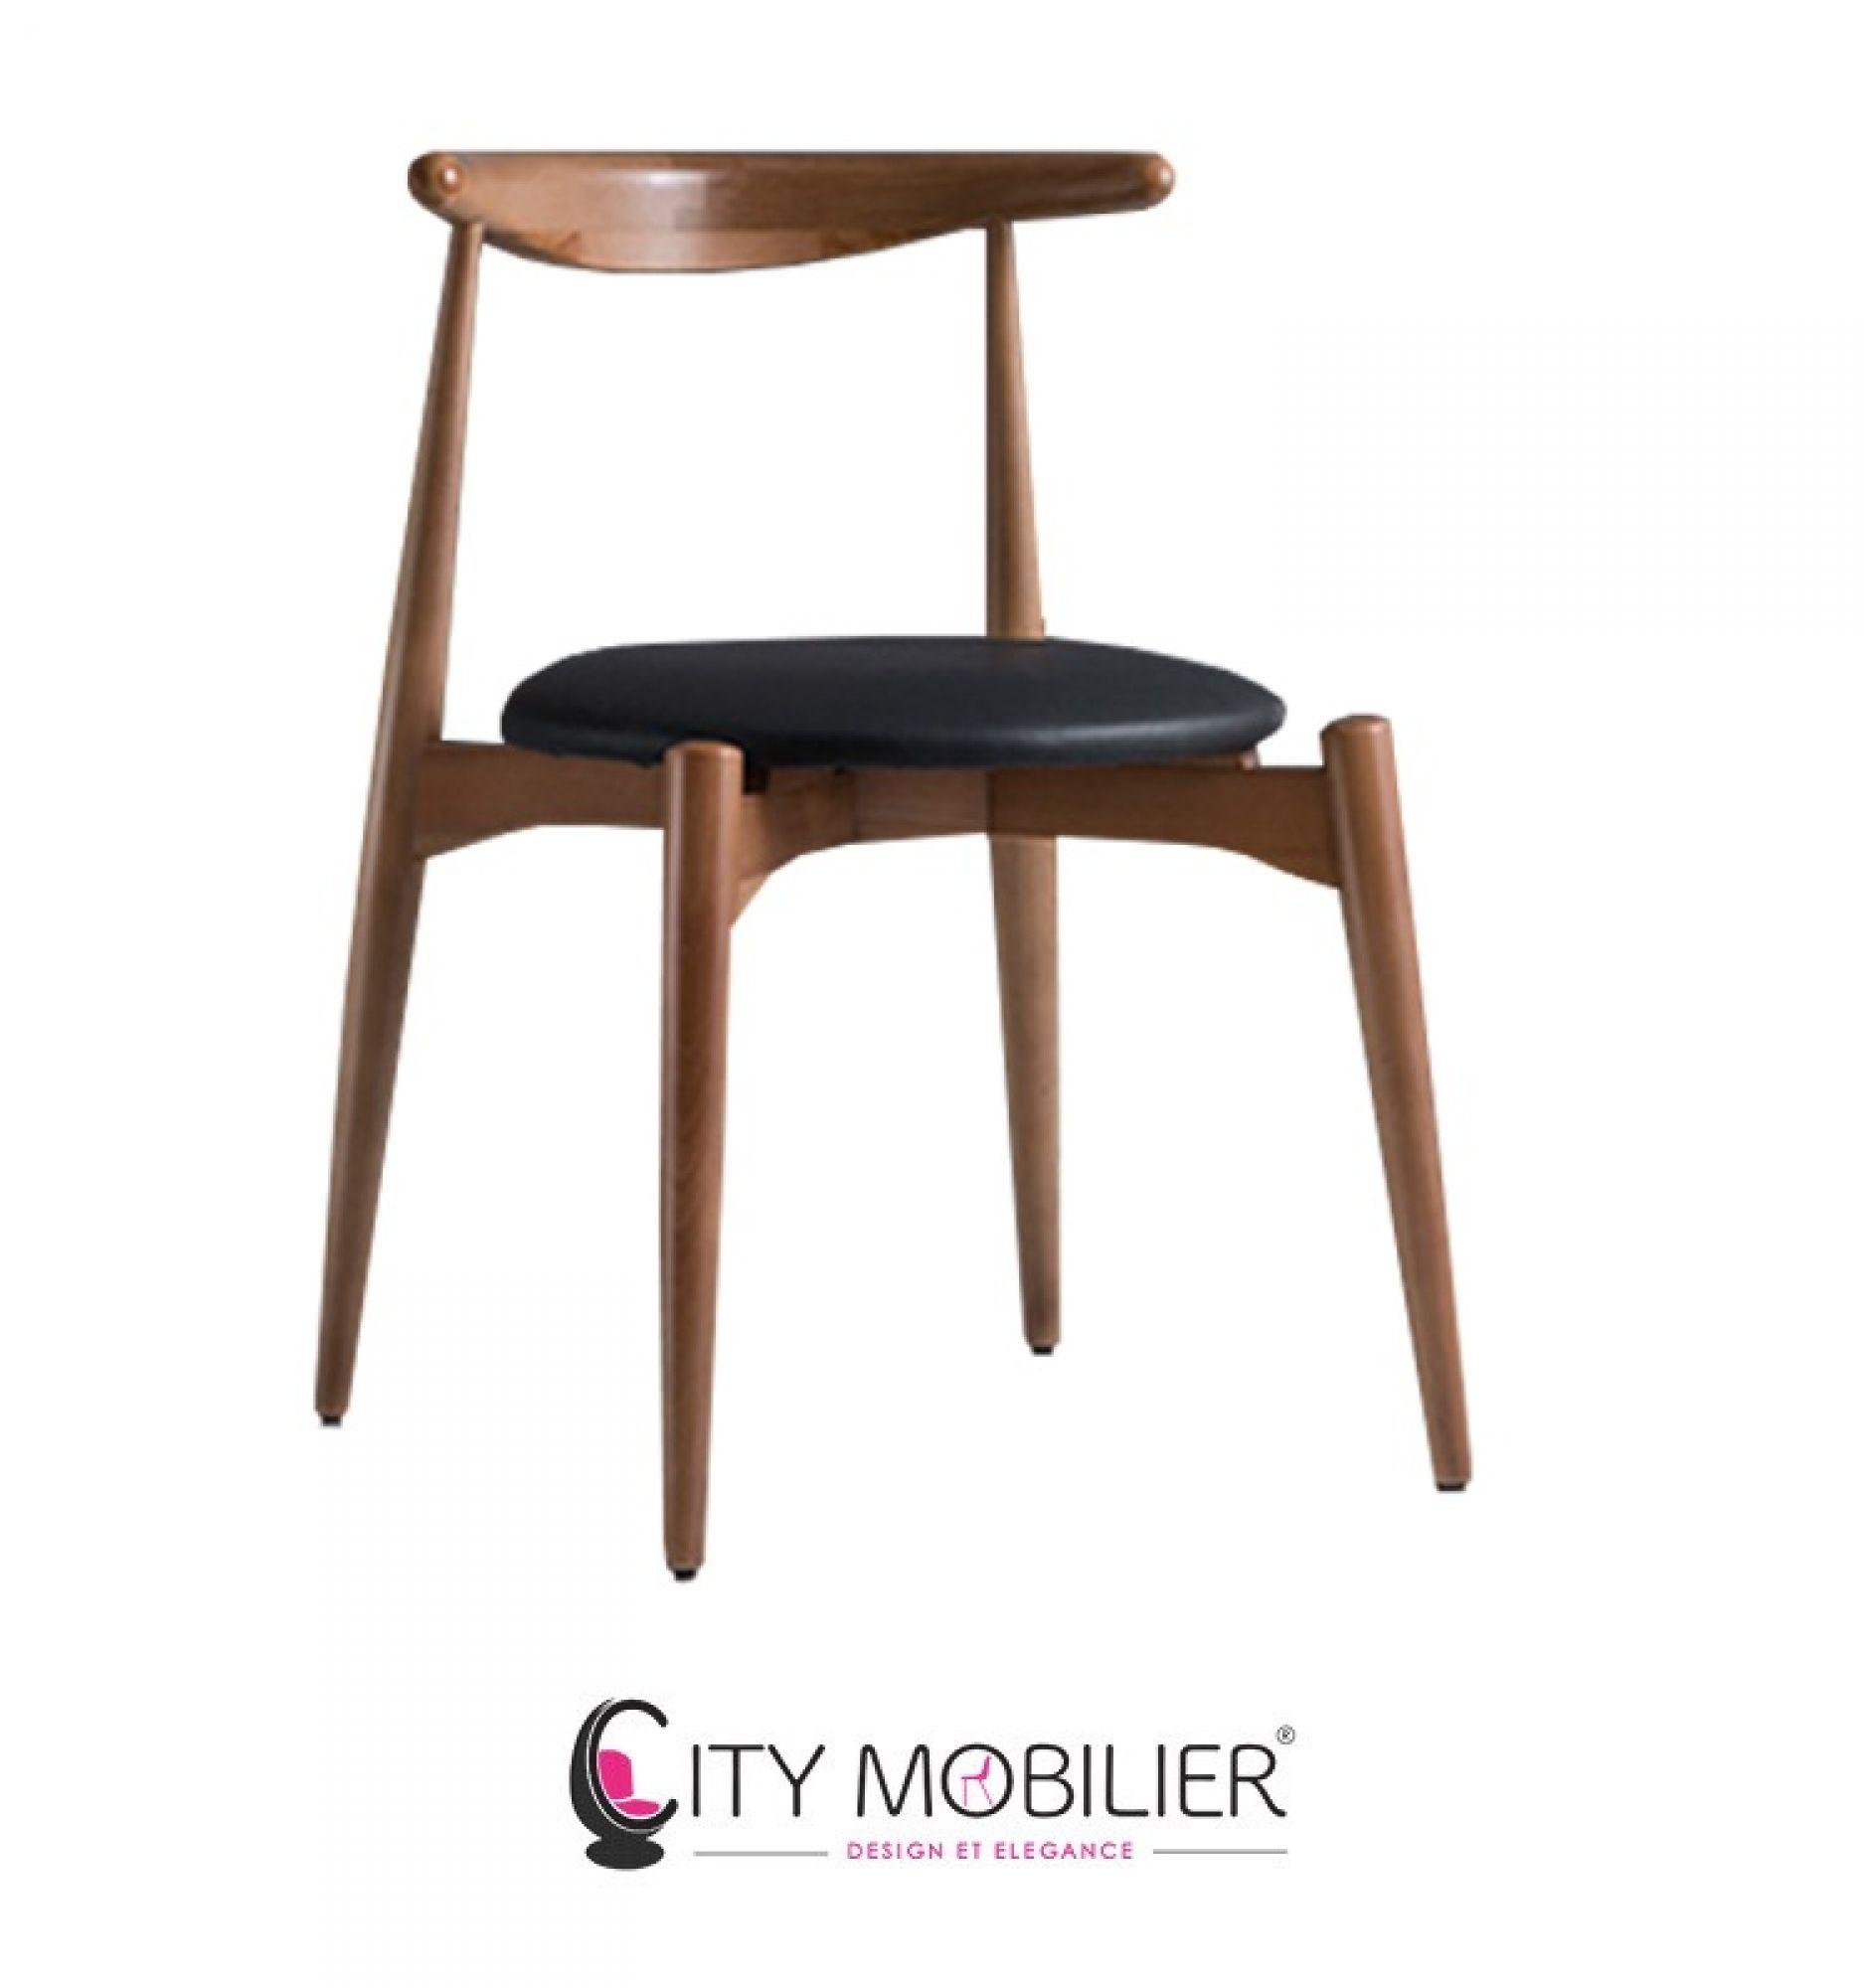 Boite A Chapeau Ikea Meilleur De Galerie Chaise Restaurant Professionnel Nhdrc